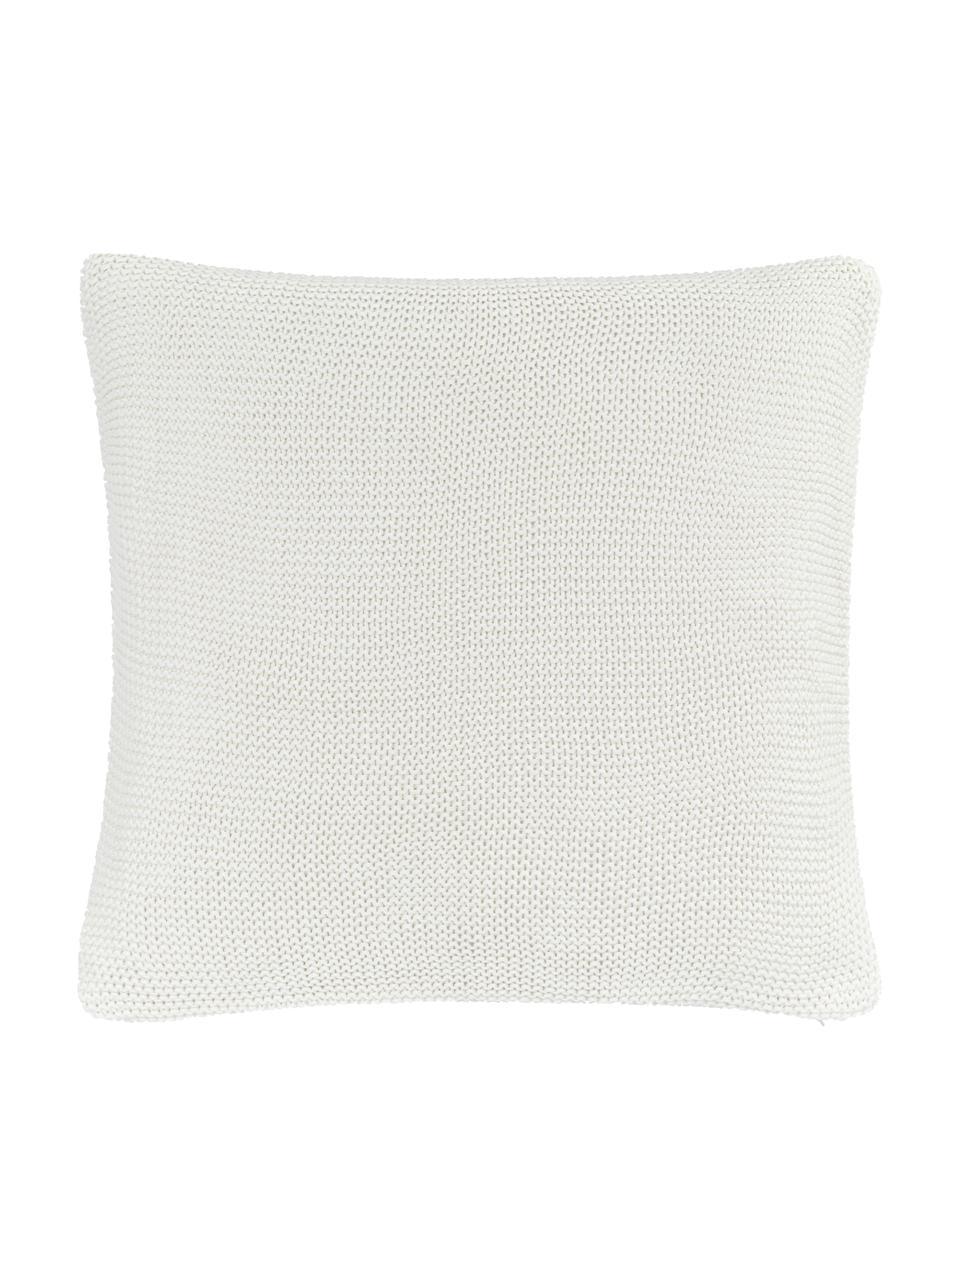 Dzianinowa poszewka na poduszkę z bawełny organicznej  Adalyn, 100% bawełna organiczna, certyfikat GOTS, Naturalny biały, S 60 x D 60 cm